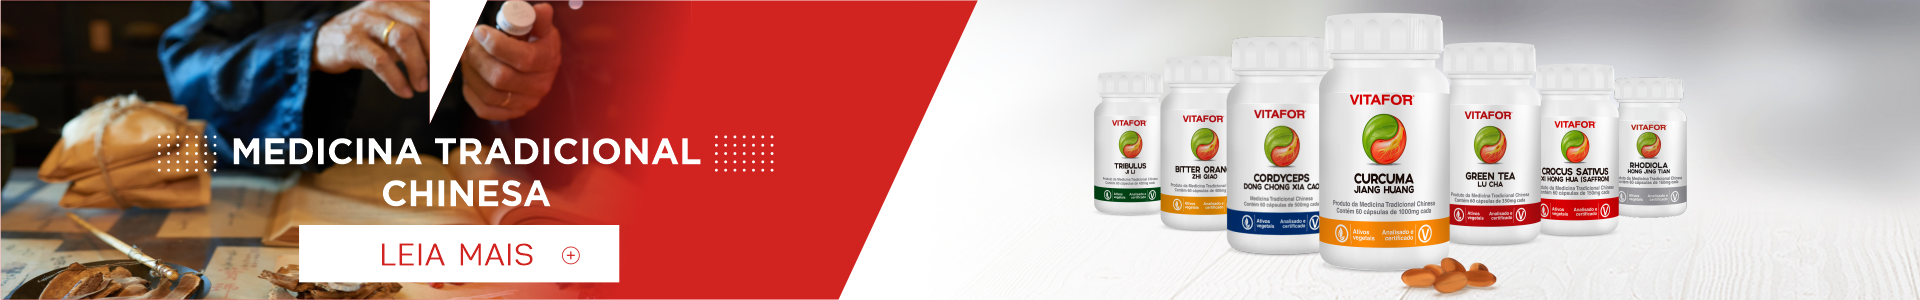 Banner sobre fitonutrientes. Embalagens da linha de fitonutrientes da Vitafor®